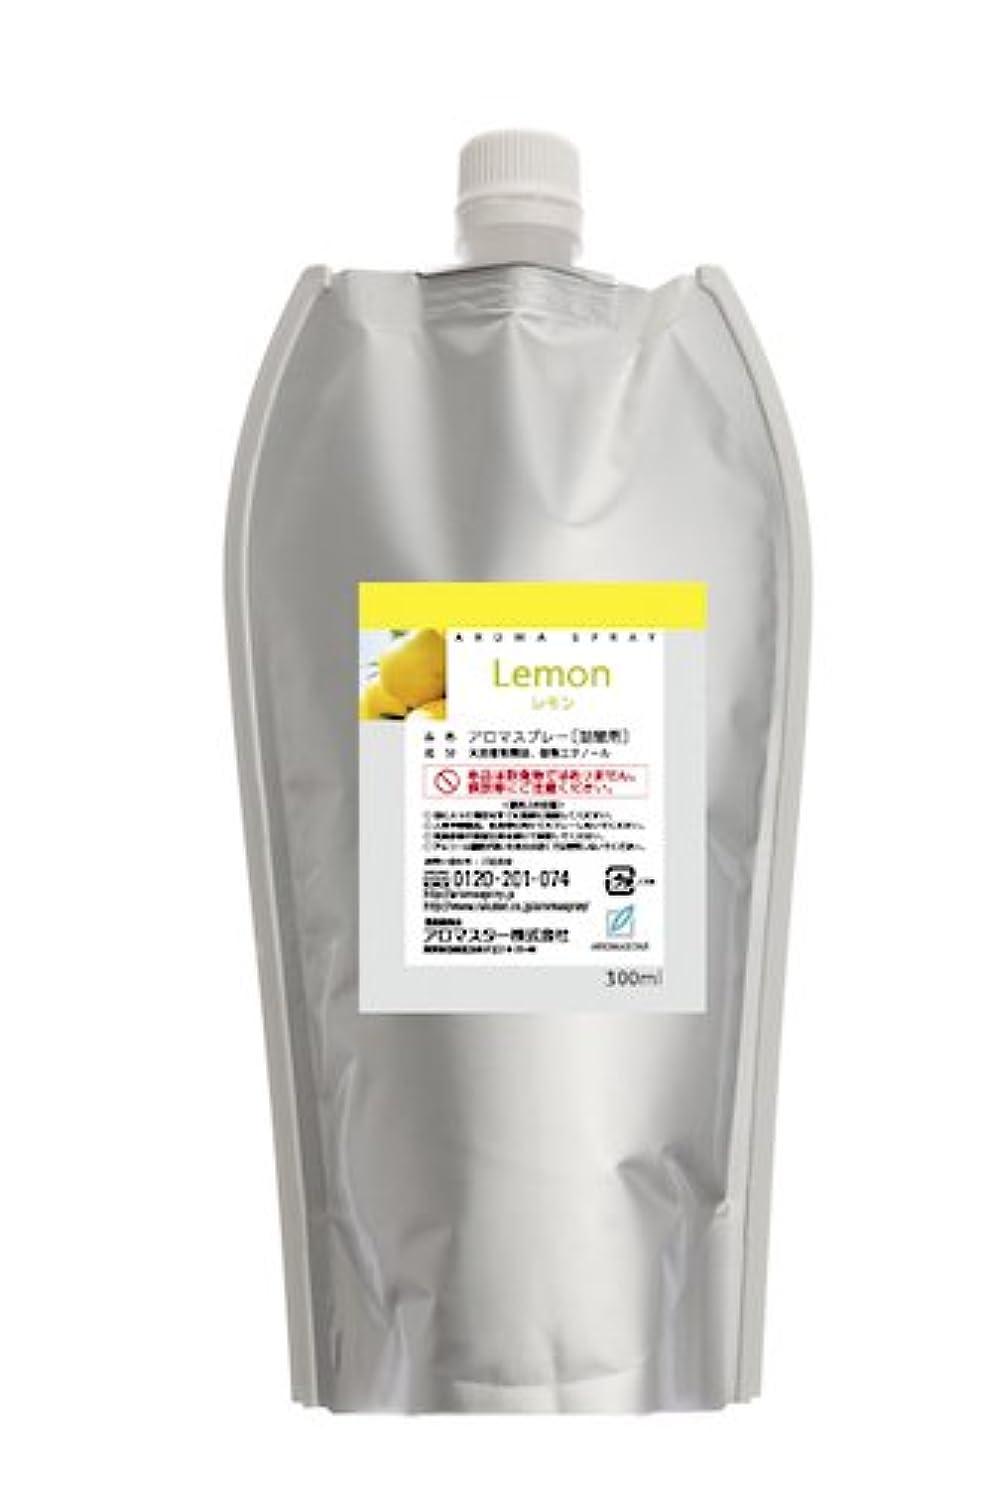 罰する原点ダイアクリティカルAROMASTAR(アロマスター) アロマスプレー レモン 300ml詰替用(エコパック)